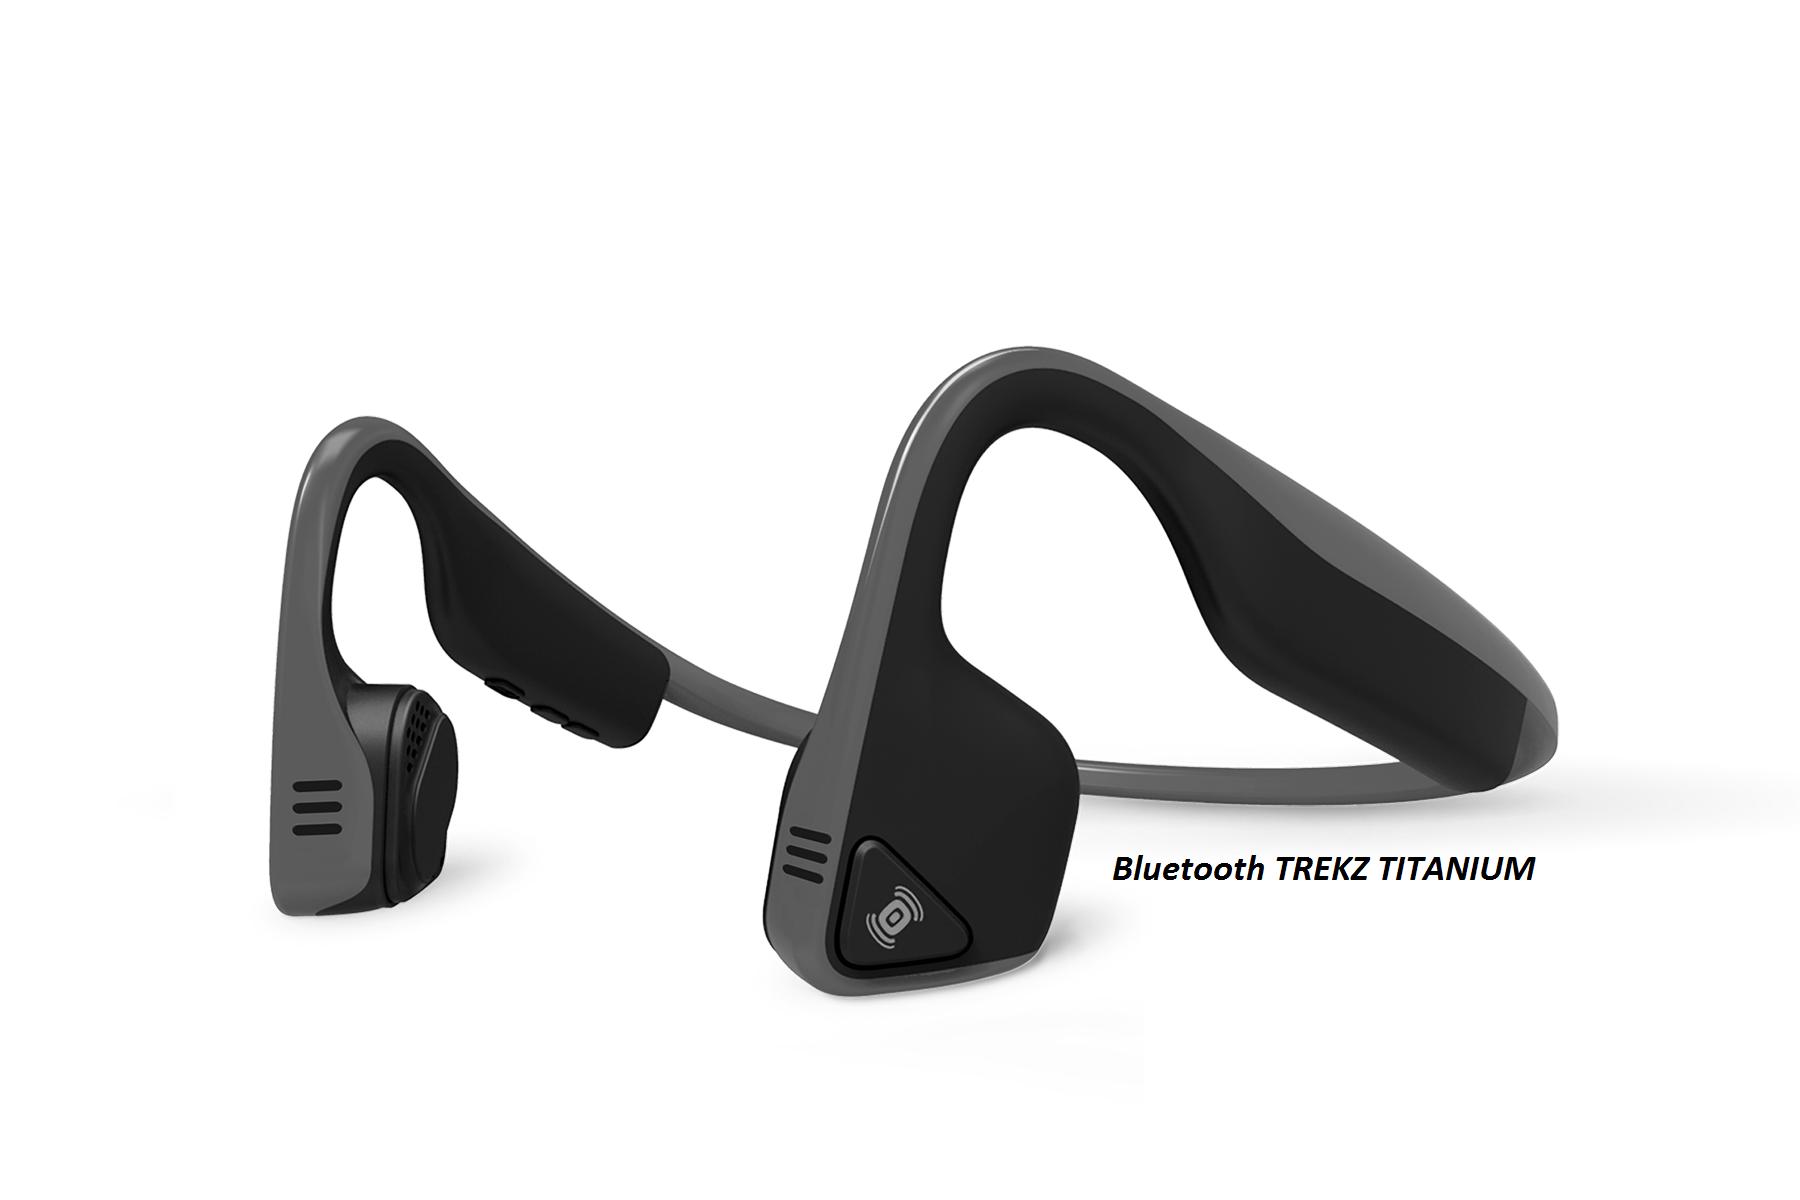 Bluetooth TREKZ Titanium Ρωτήστε μας για τιμή